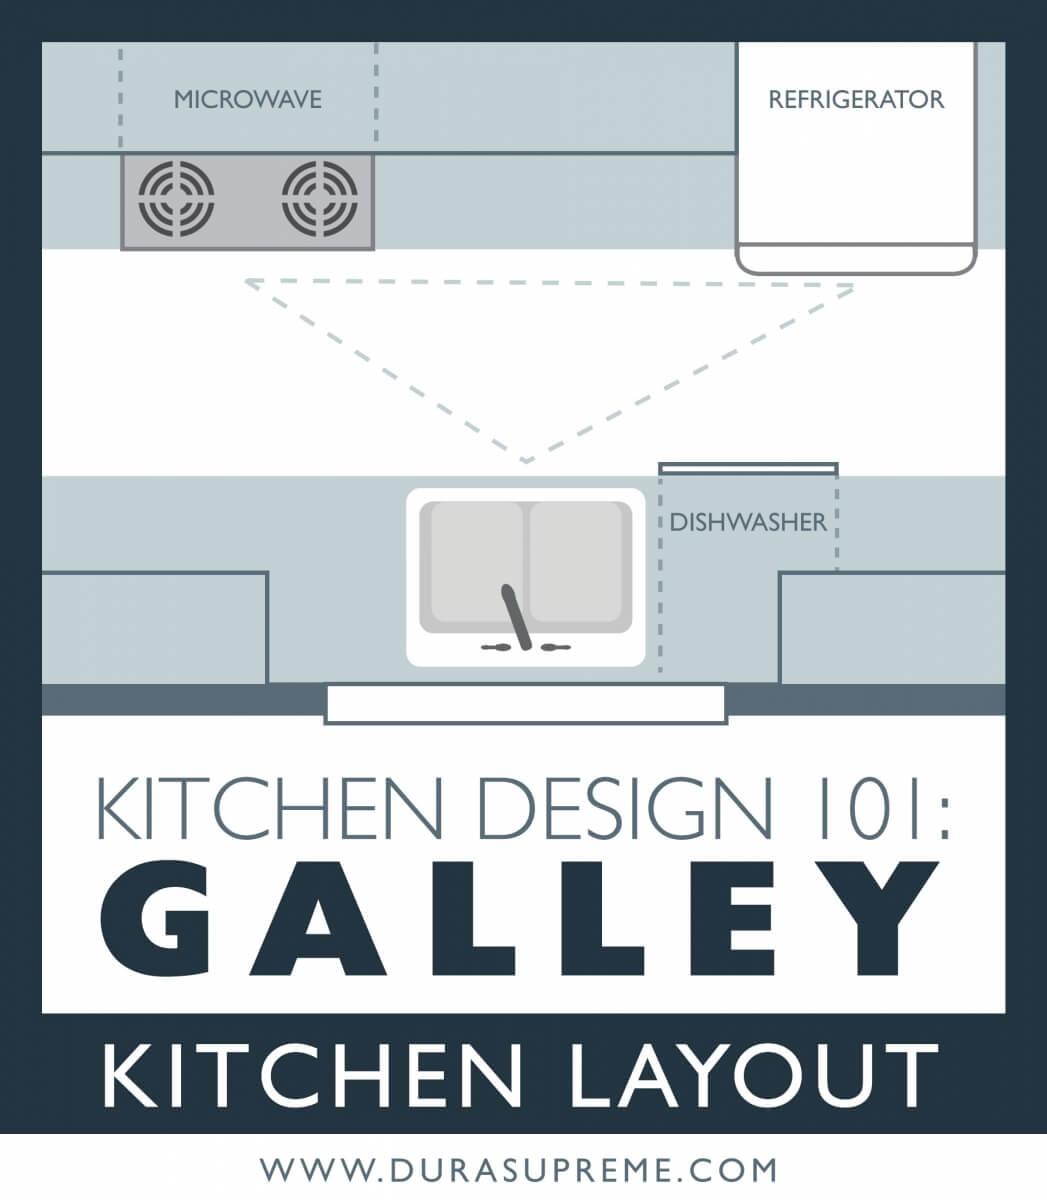 Galley Kitchen Layout design tips